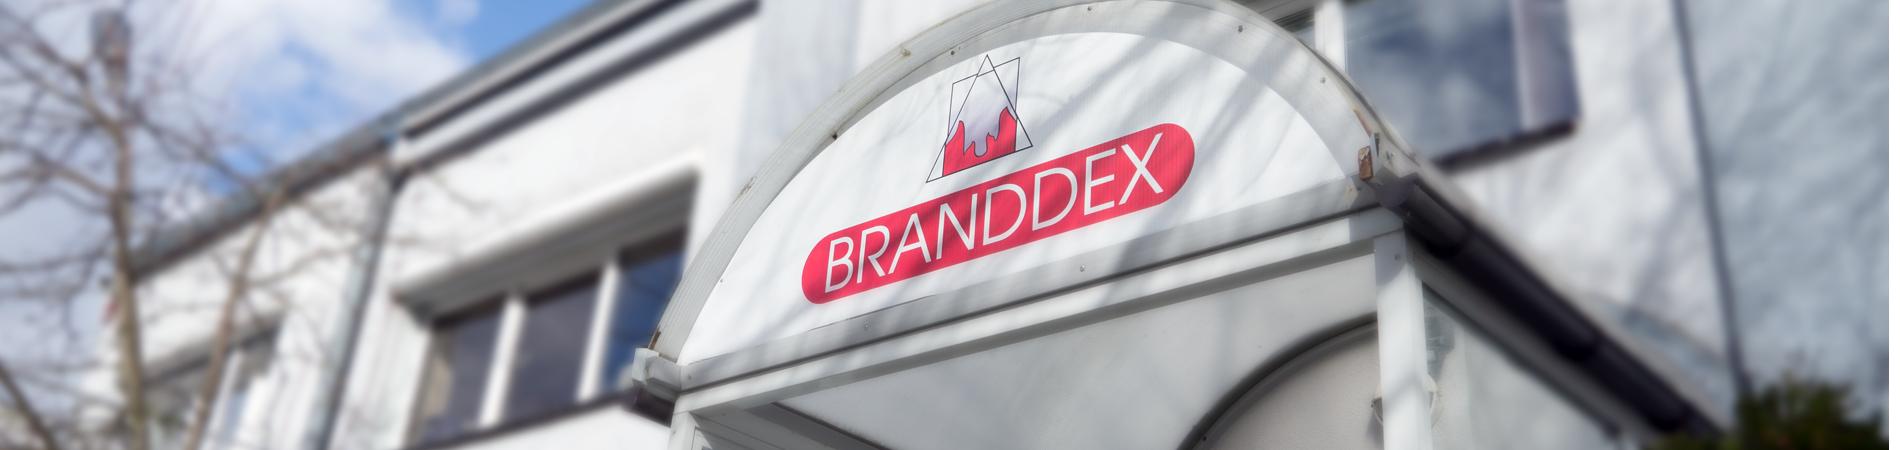 Branddex-Eingang21